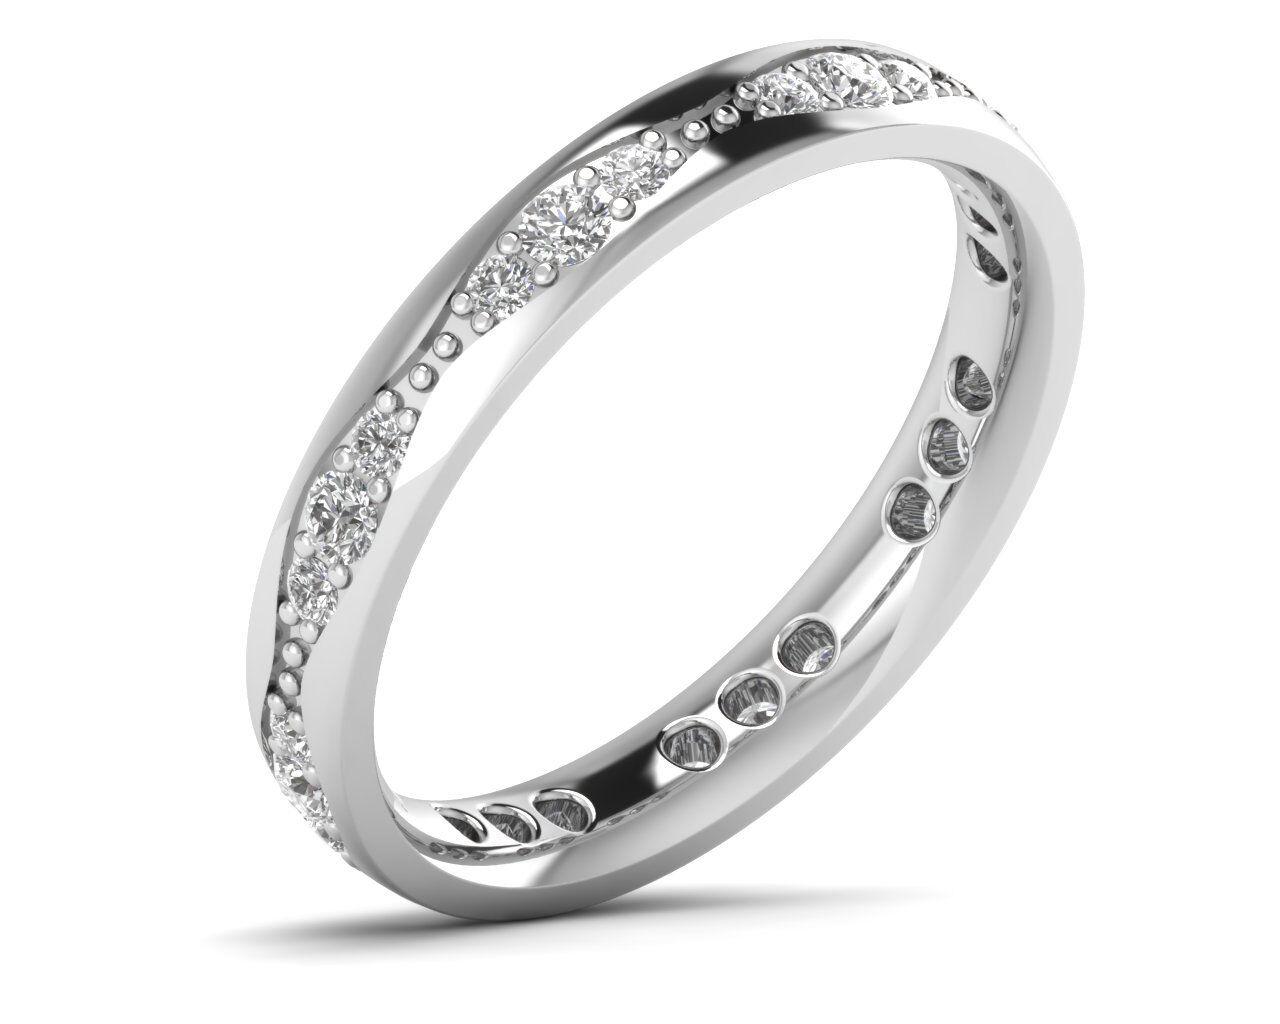 0.55ct Round Brilliant Cut Diamonds Pave Set Full Eternity Ring, gold & Platinum